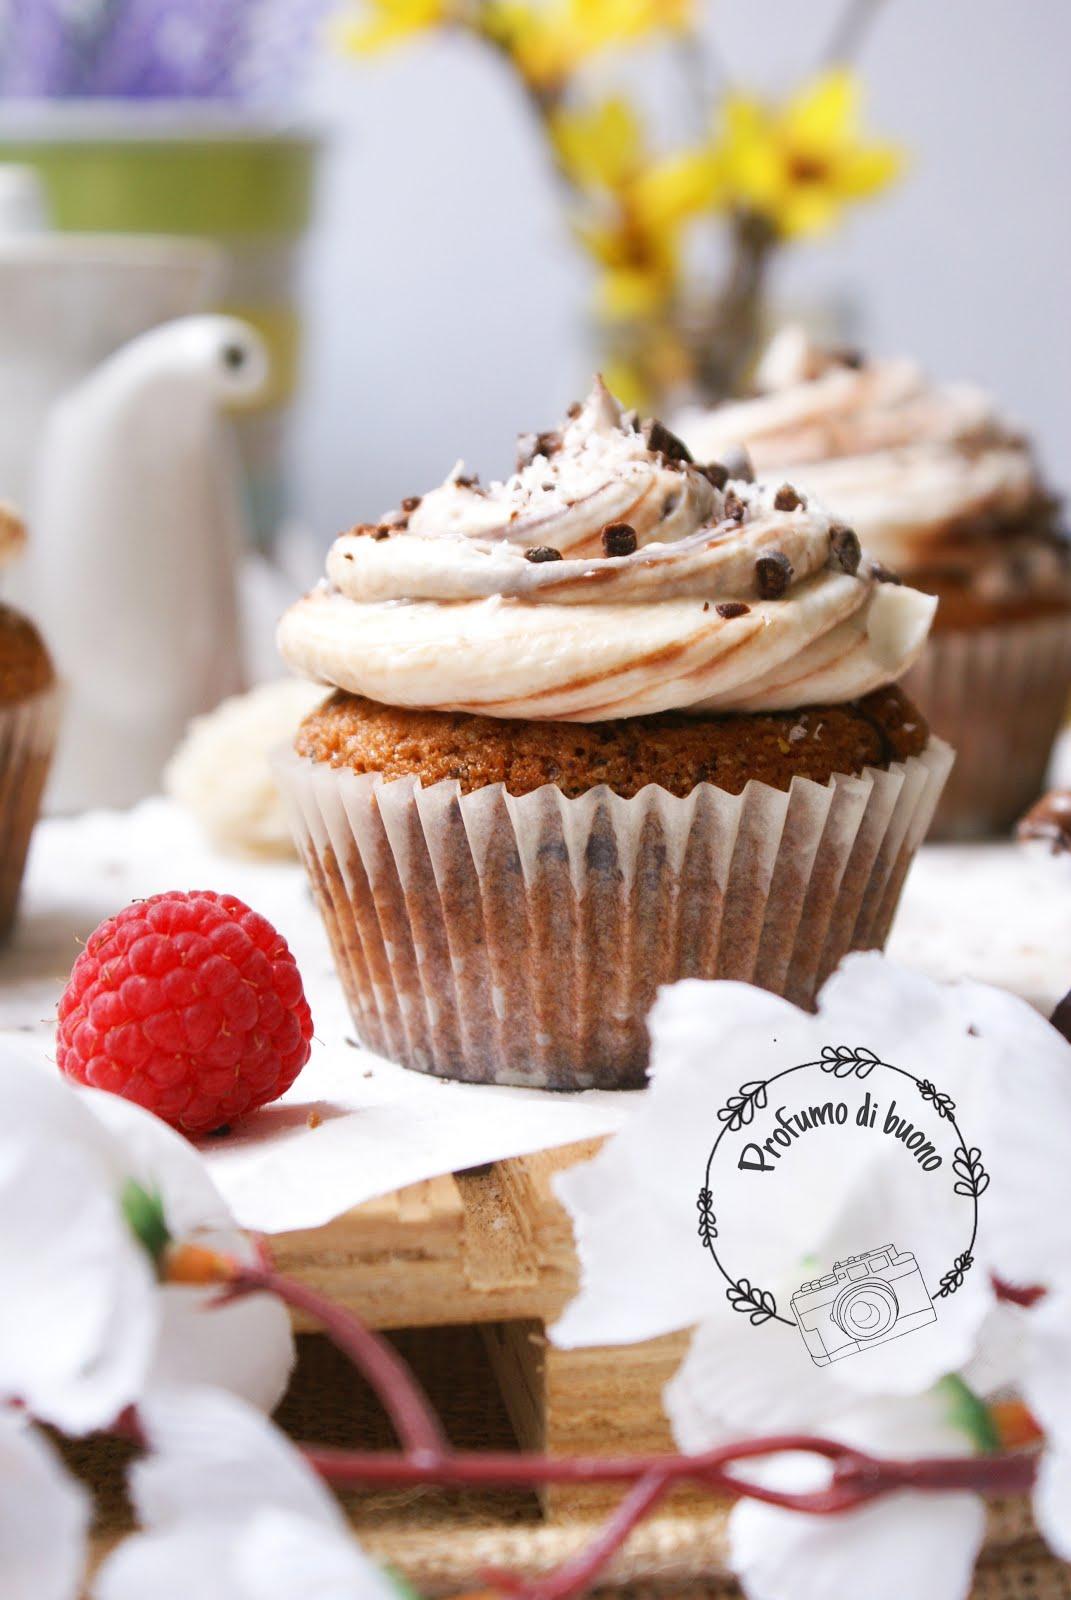 Muffin al cocco e cioccolato senza glutine con frosting al philadelphia. crema di nocciole e scaglie di cioccolato